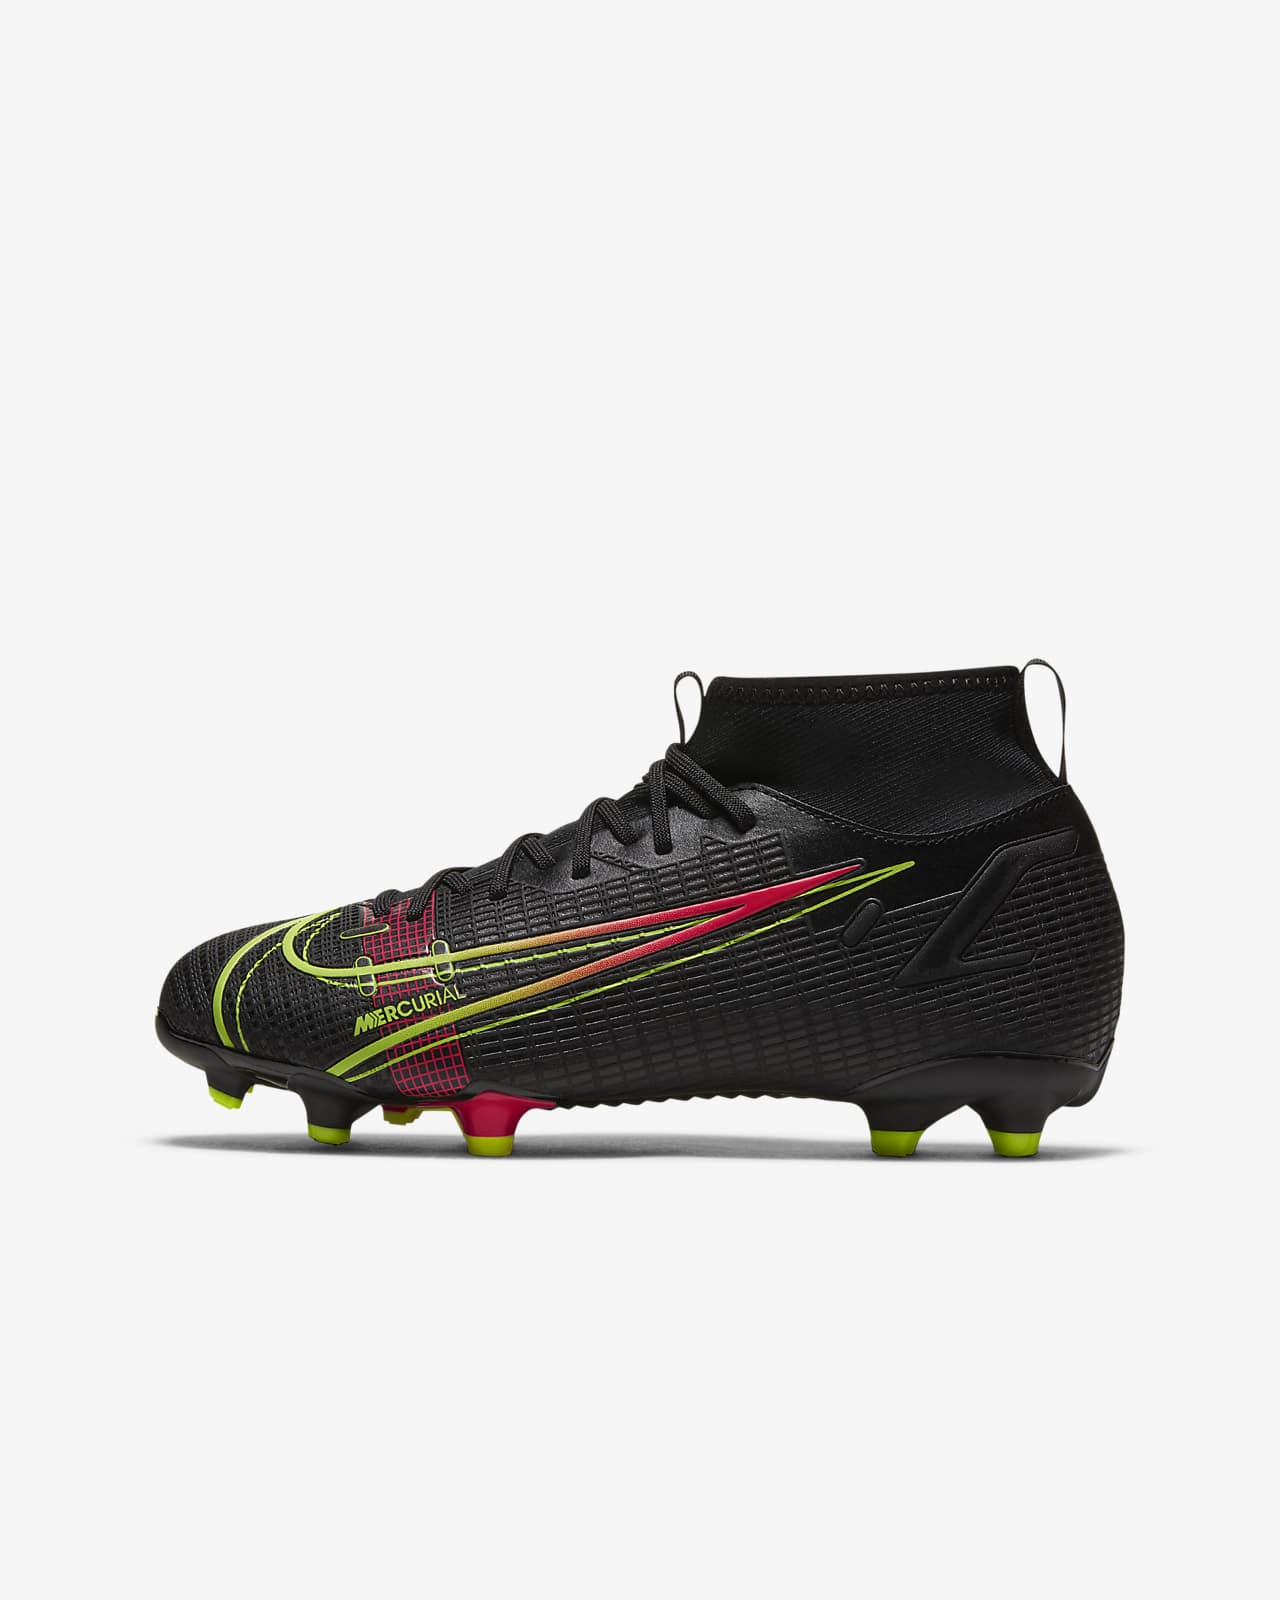 Nike Jr. Mercurial Superfly 8 Academy MG Voetbalschoen voor kleuters/kids (meerdere ondergronden)